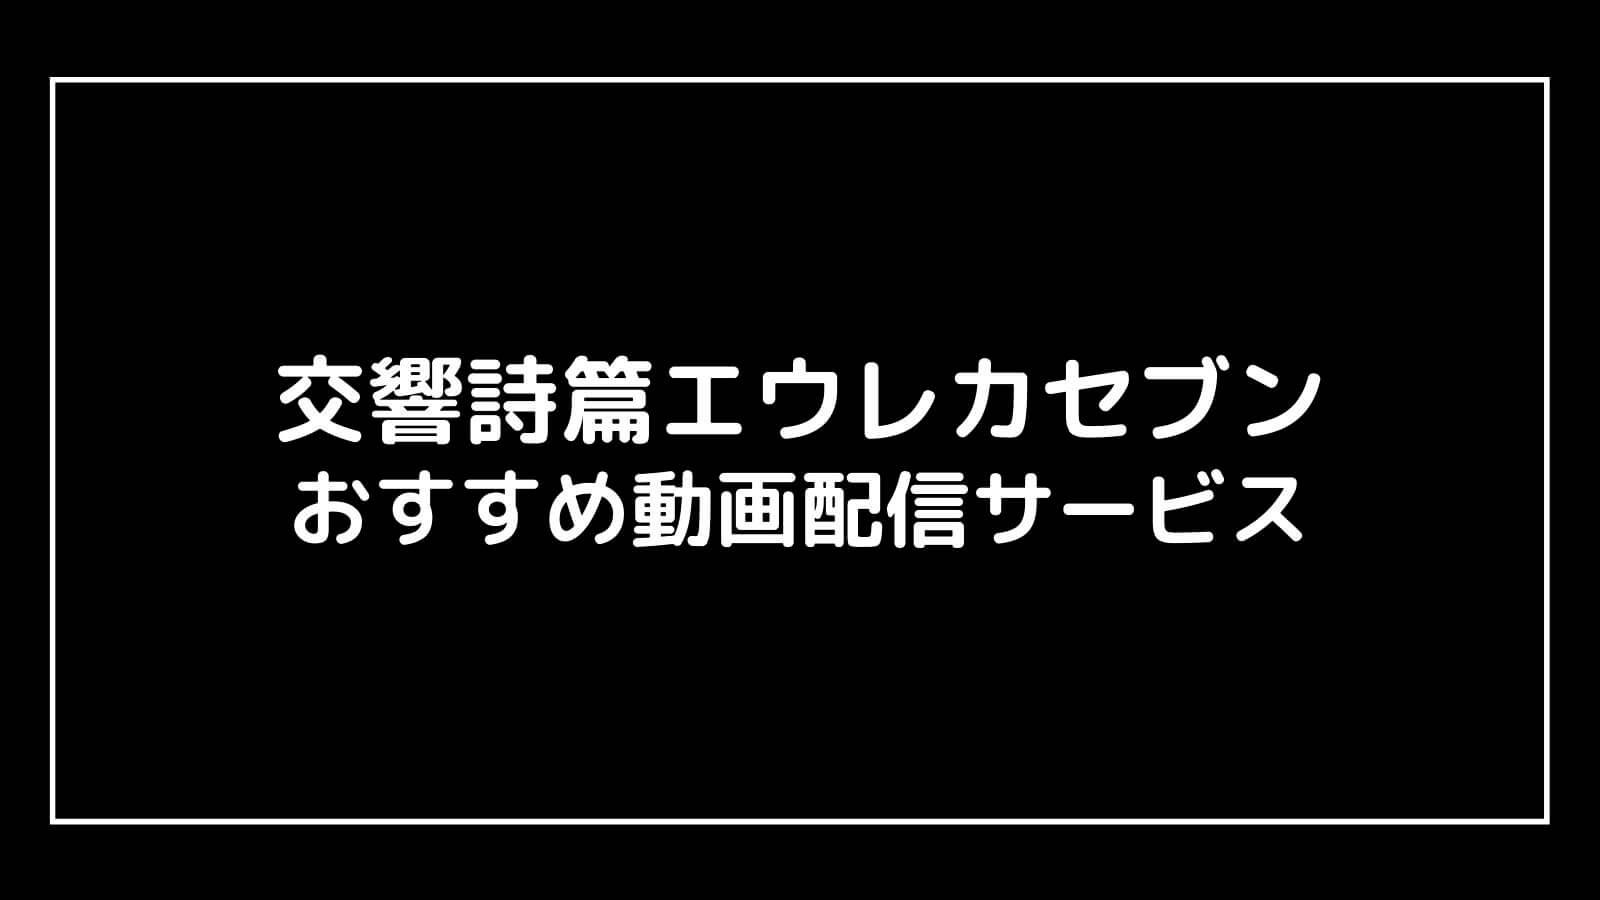 映画『交響詩篇エウレカセブン』を無料視聴できるおすすめ動画配信サービス【最新作の割引券あり】